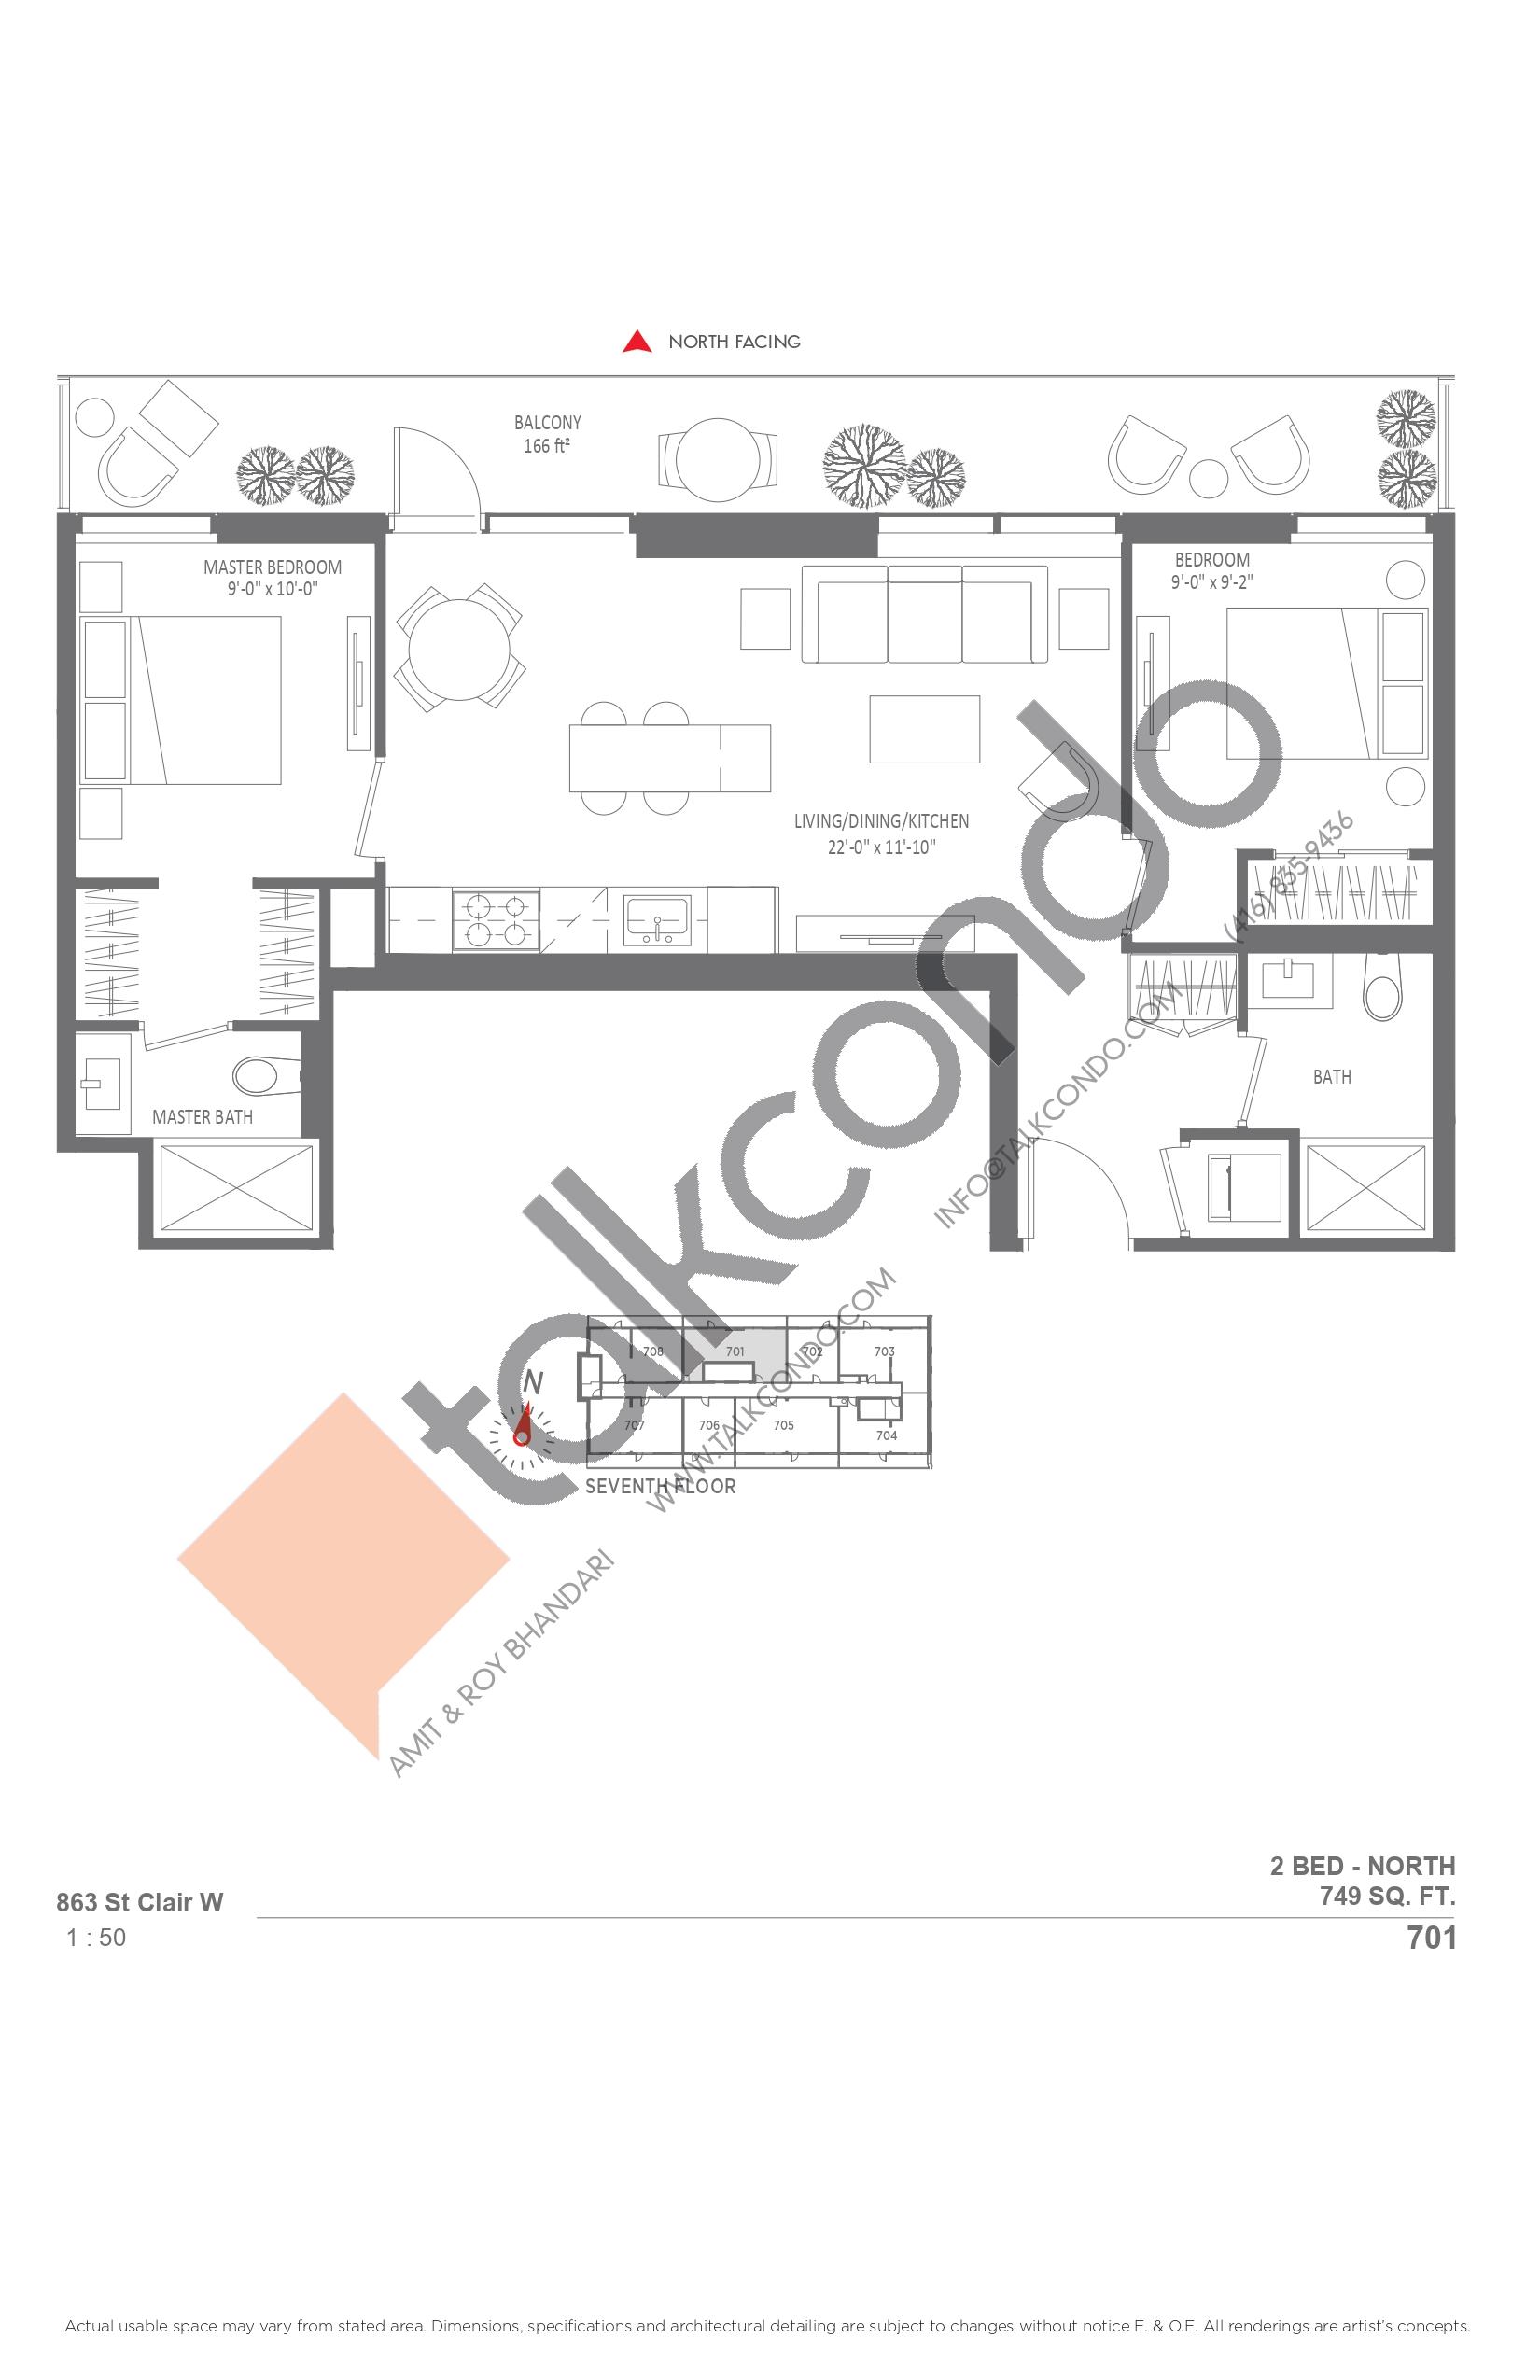 701 Floor Plan at Monza Condos - 749 sq.ft